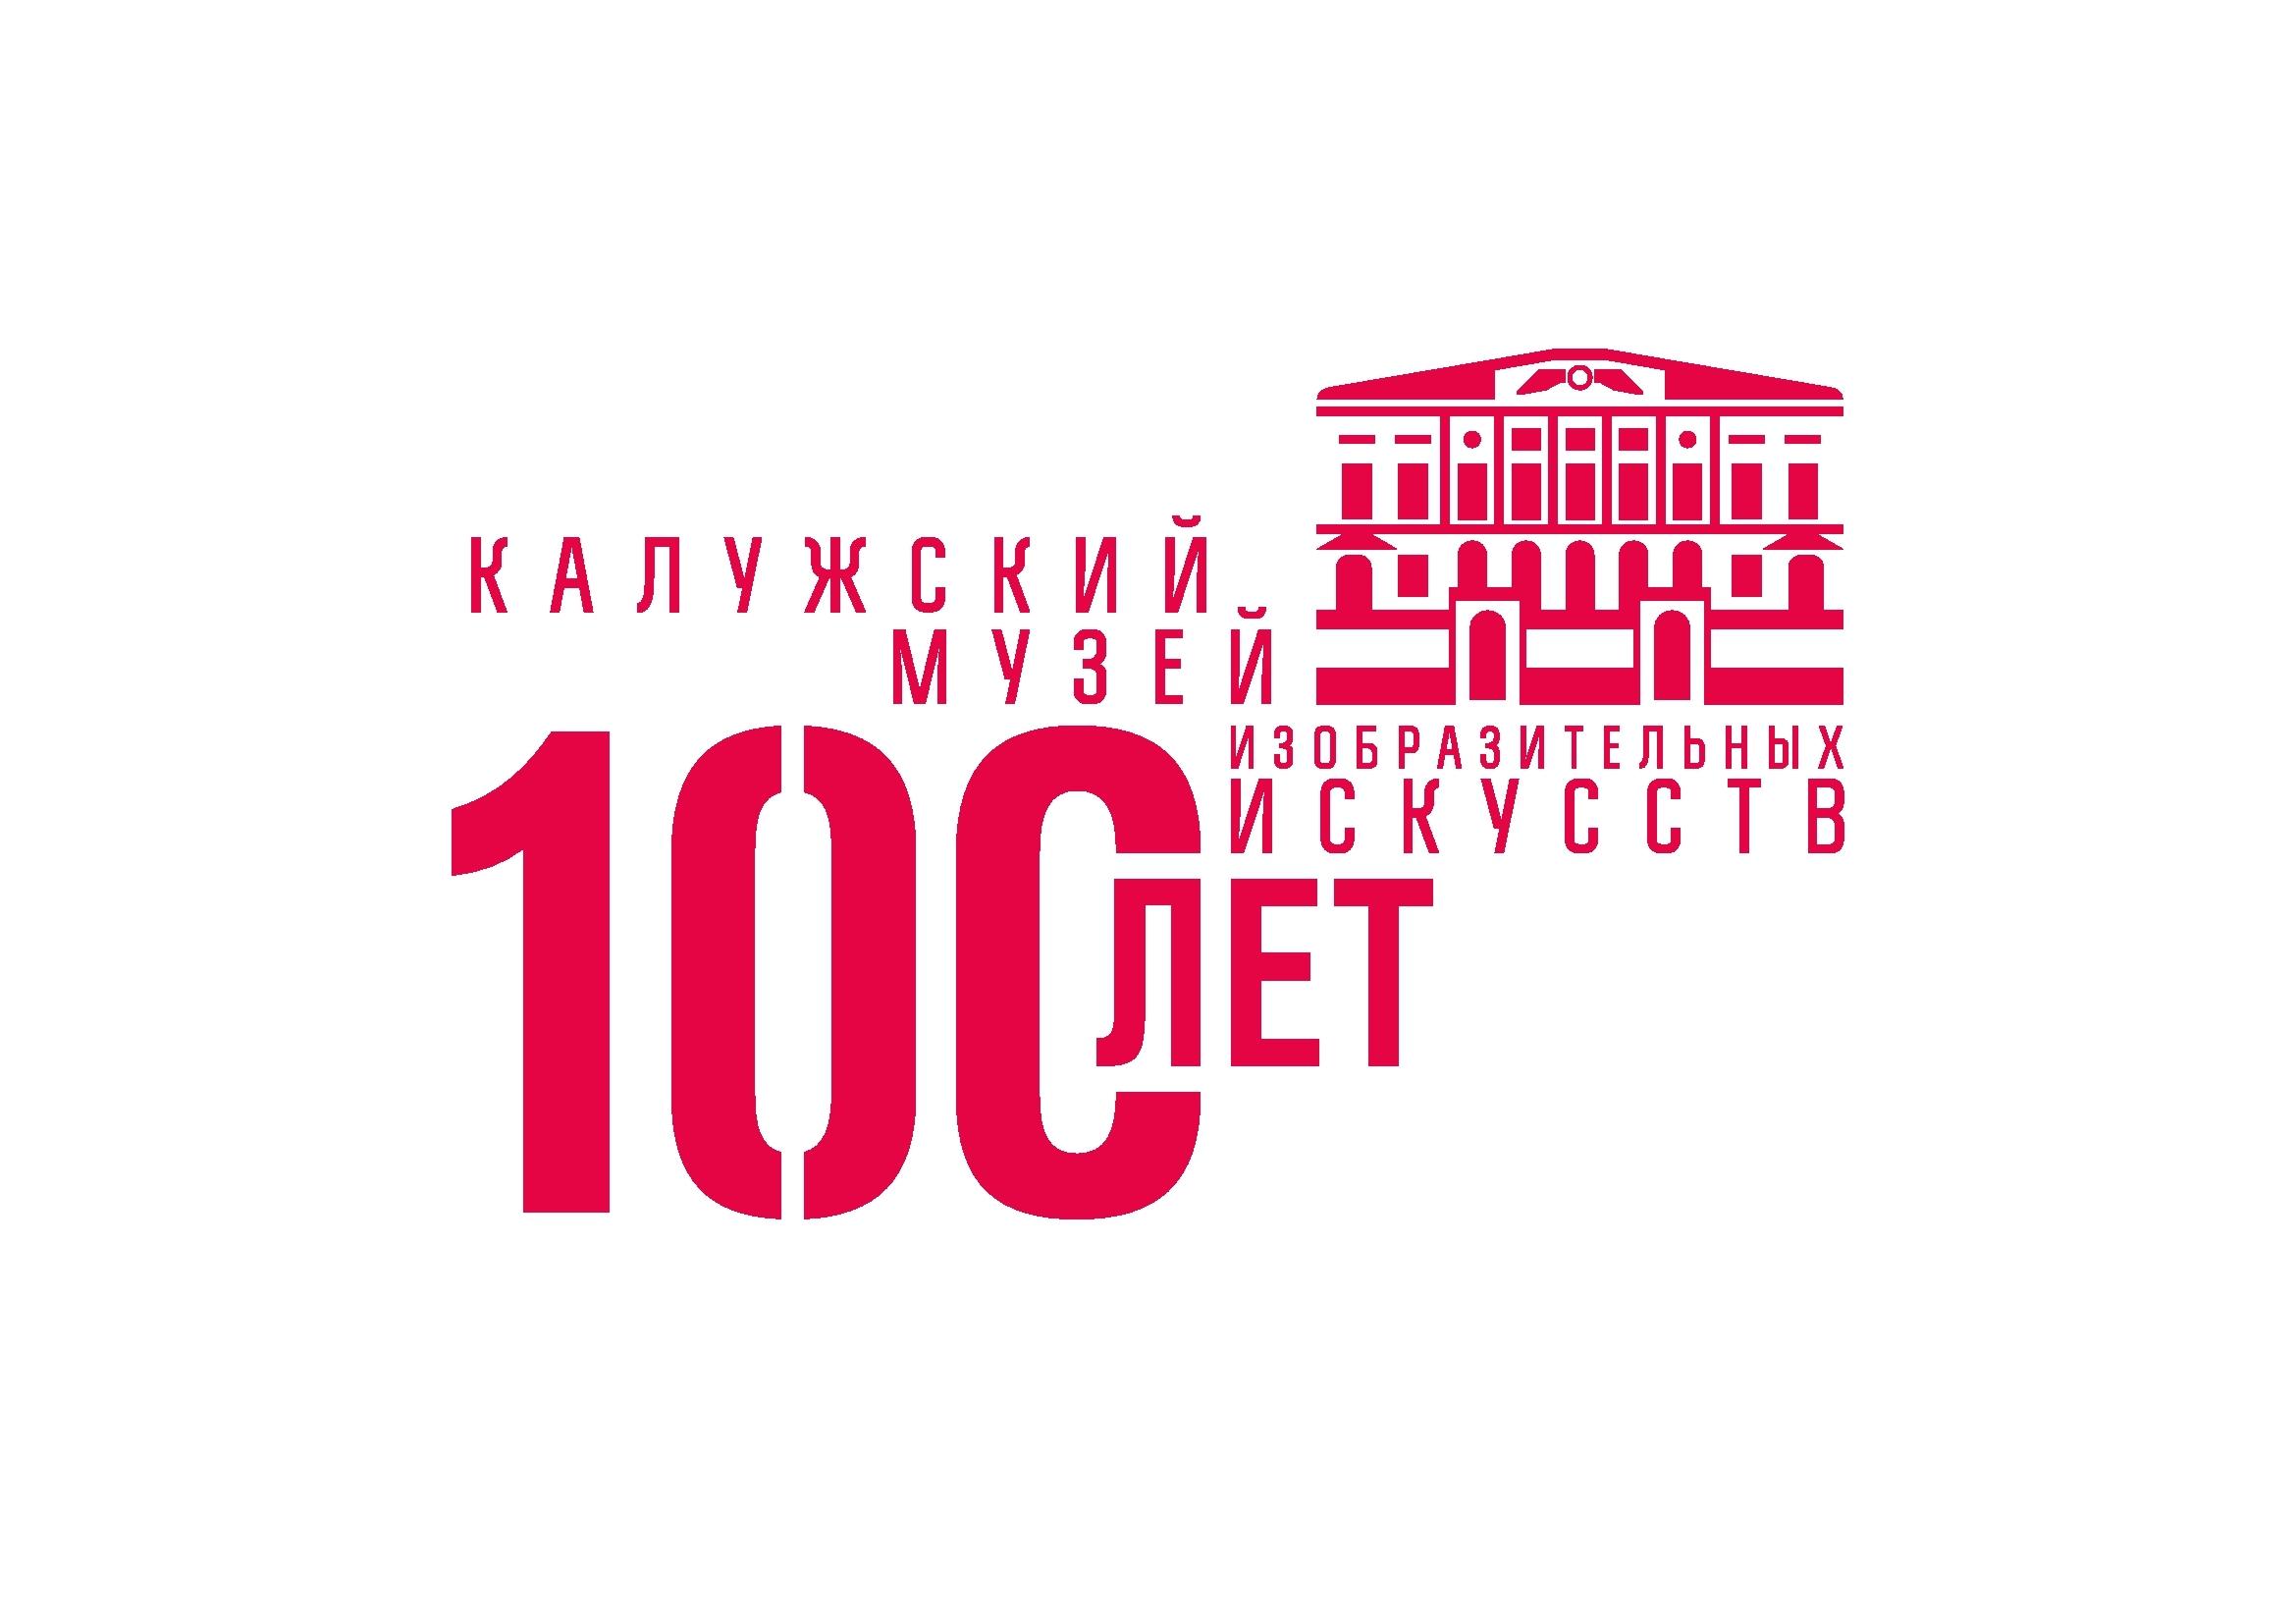 Калужский музей изобразительных искусств проведет традиционную акцию